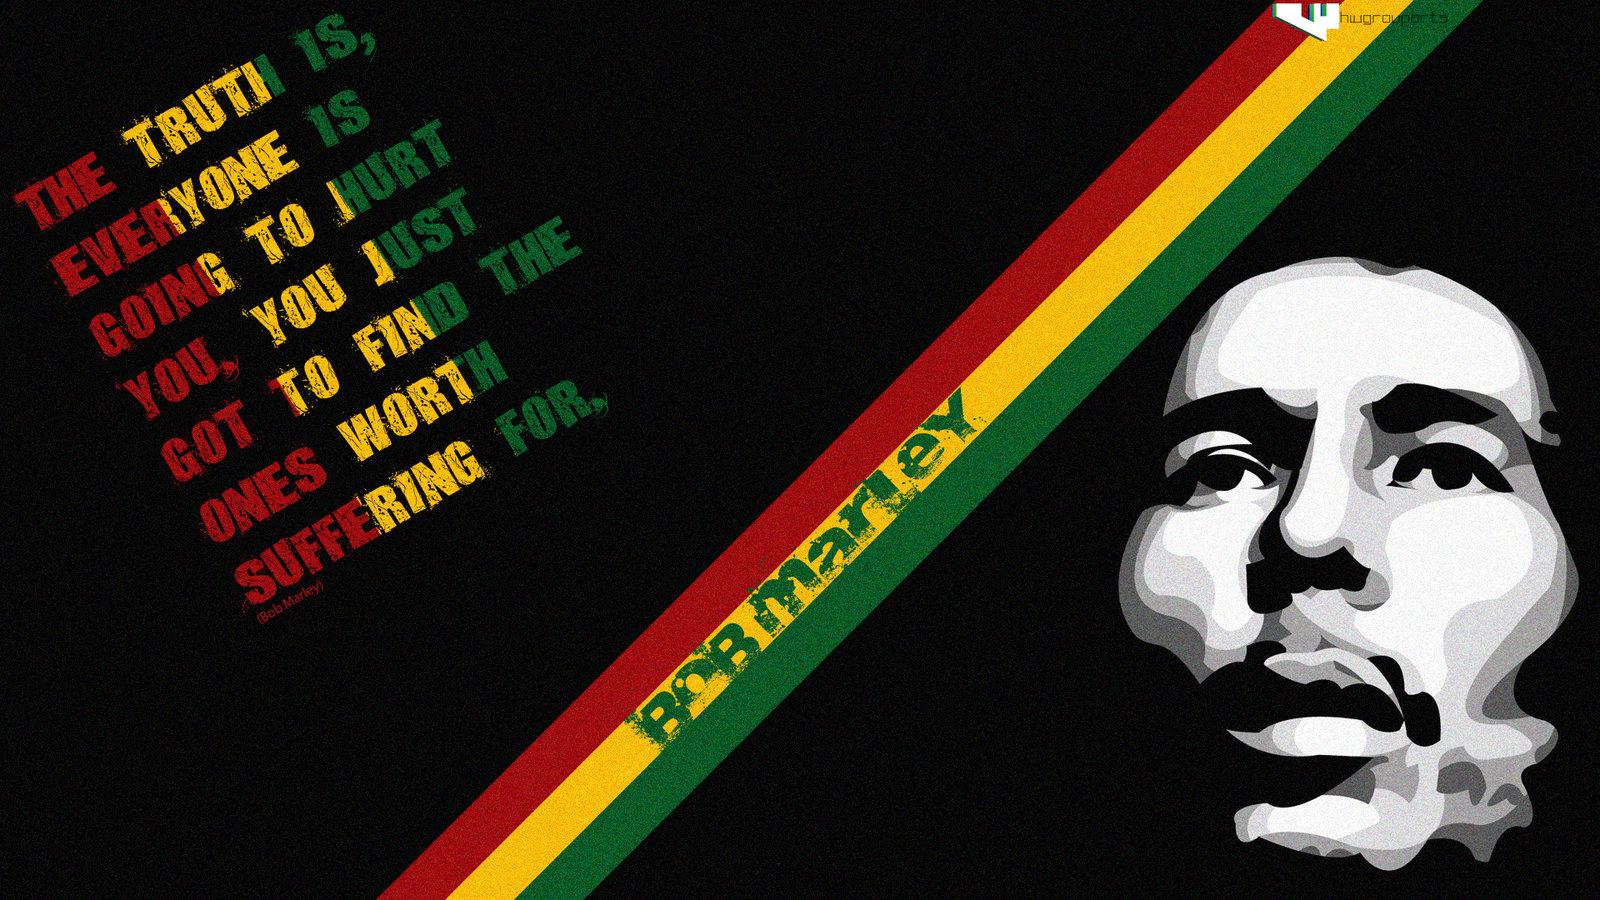 bob marley hd graphic wallpaper - Bob Marley Wallpaper